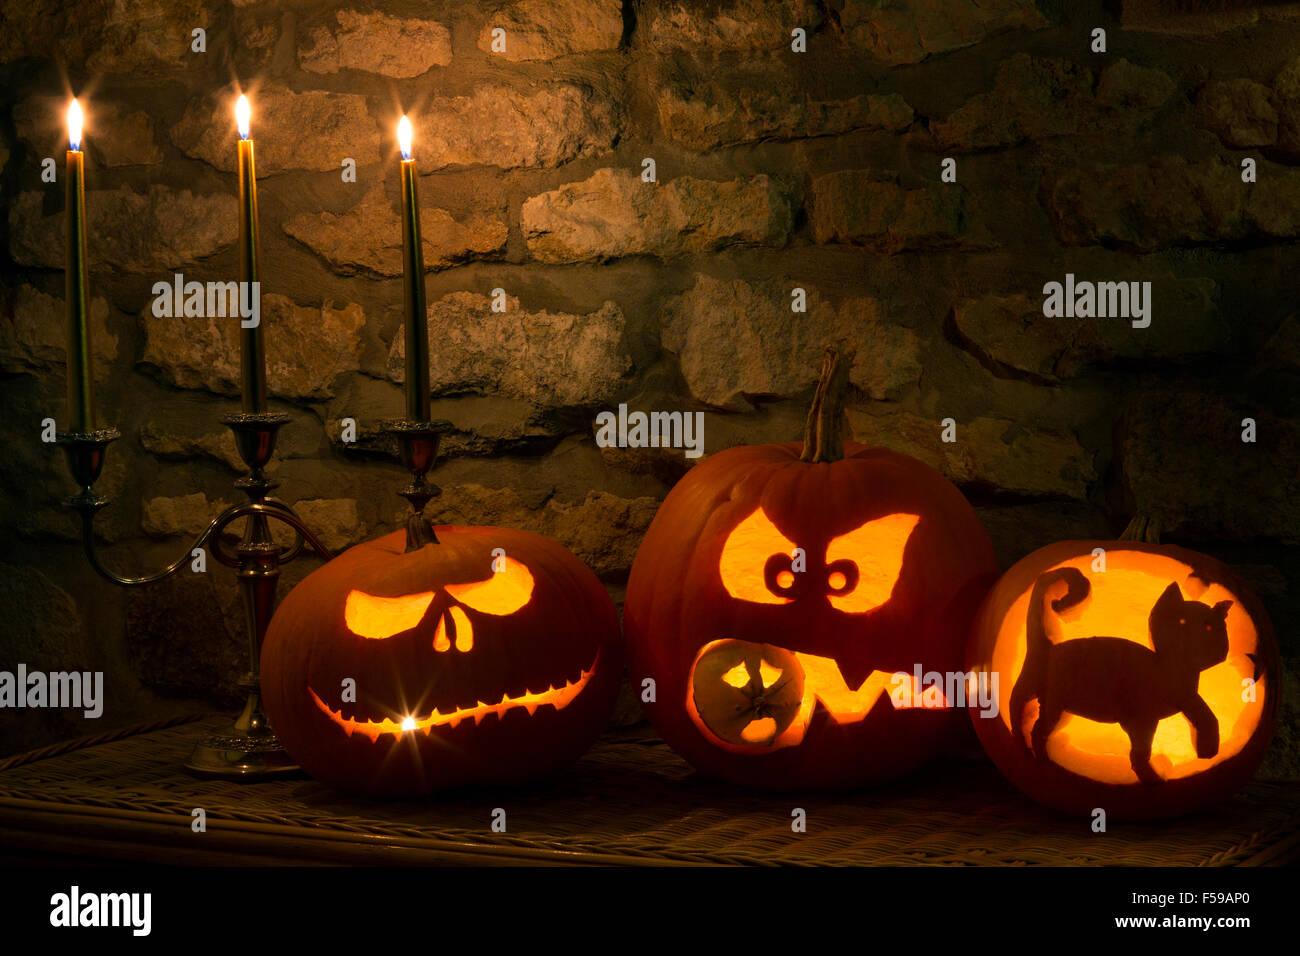 Spooky Halloween Pumpkins - Stock Image